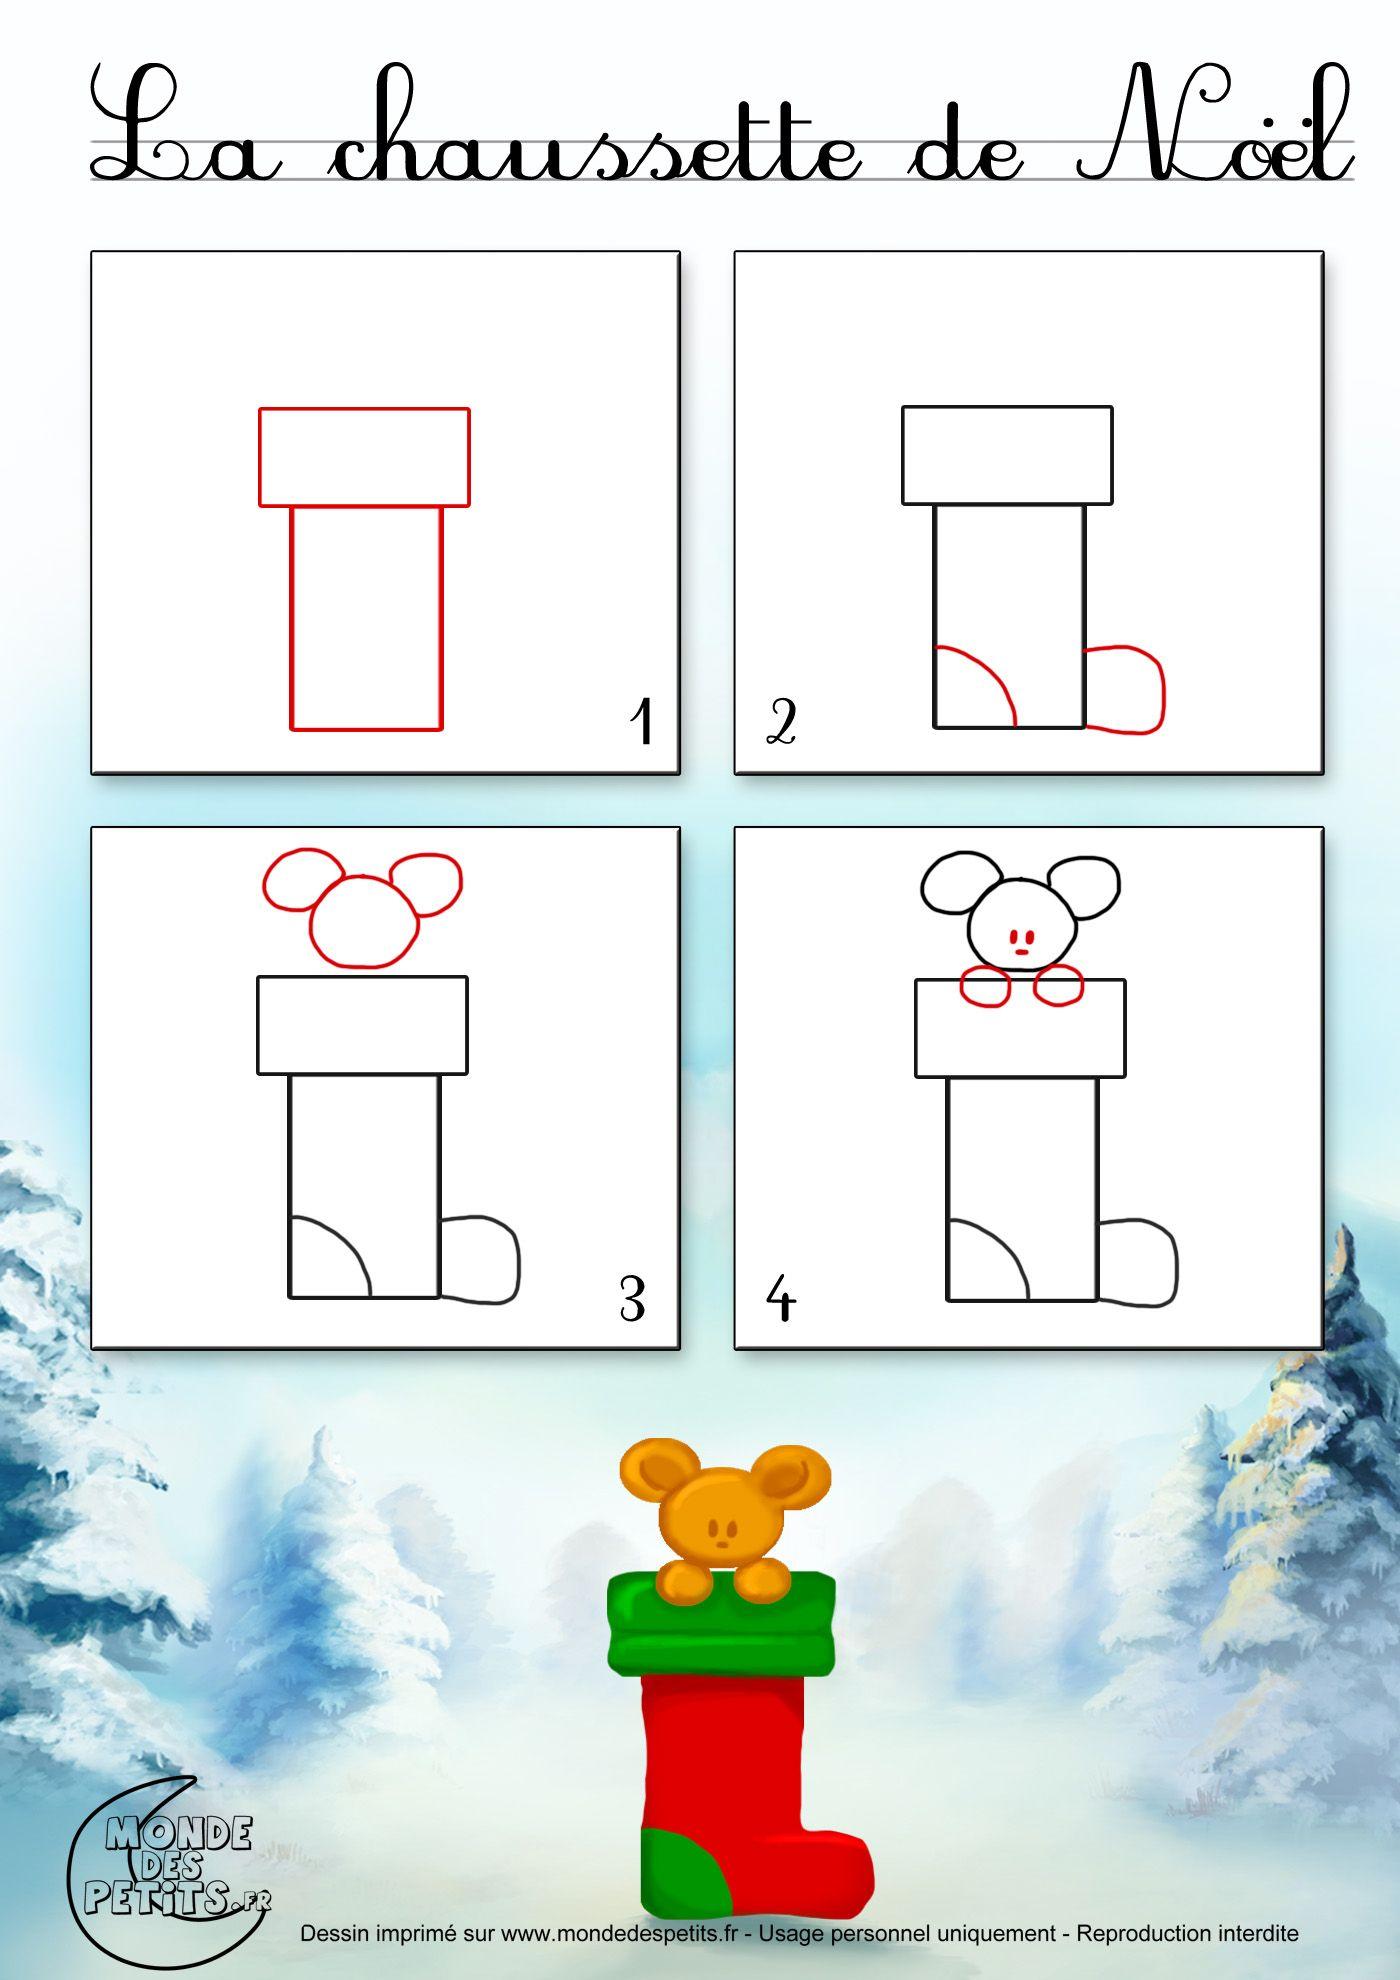 Dessin2 comment dessiner une chaussette de no l how to - Comment dessiner pere noel ...